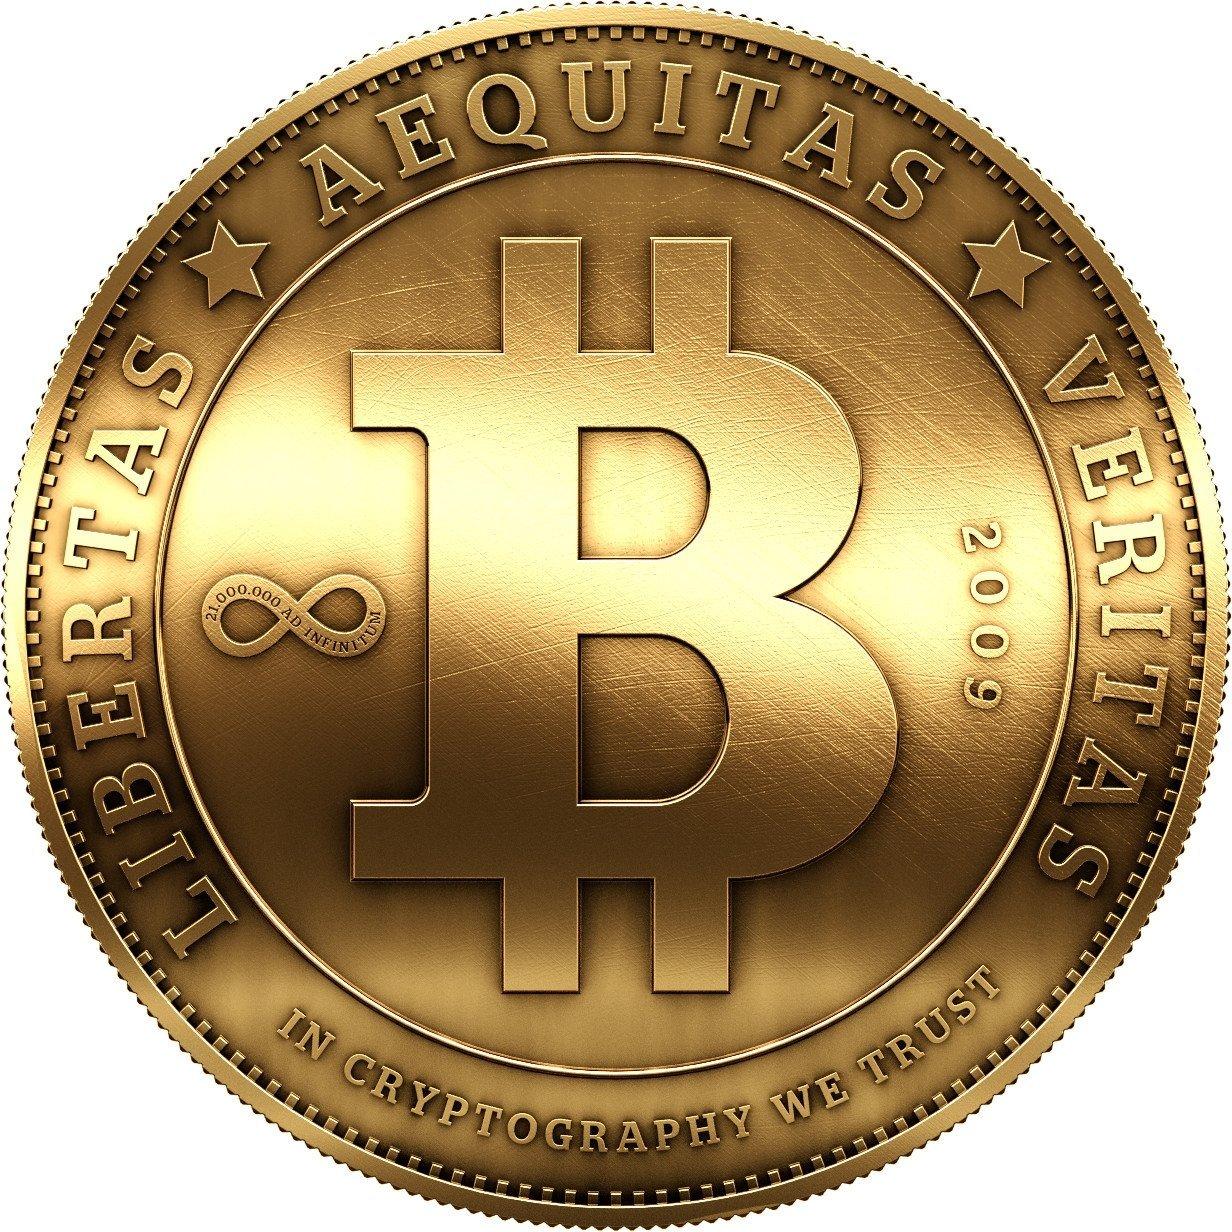 My First Bitcoin